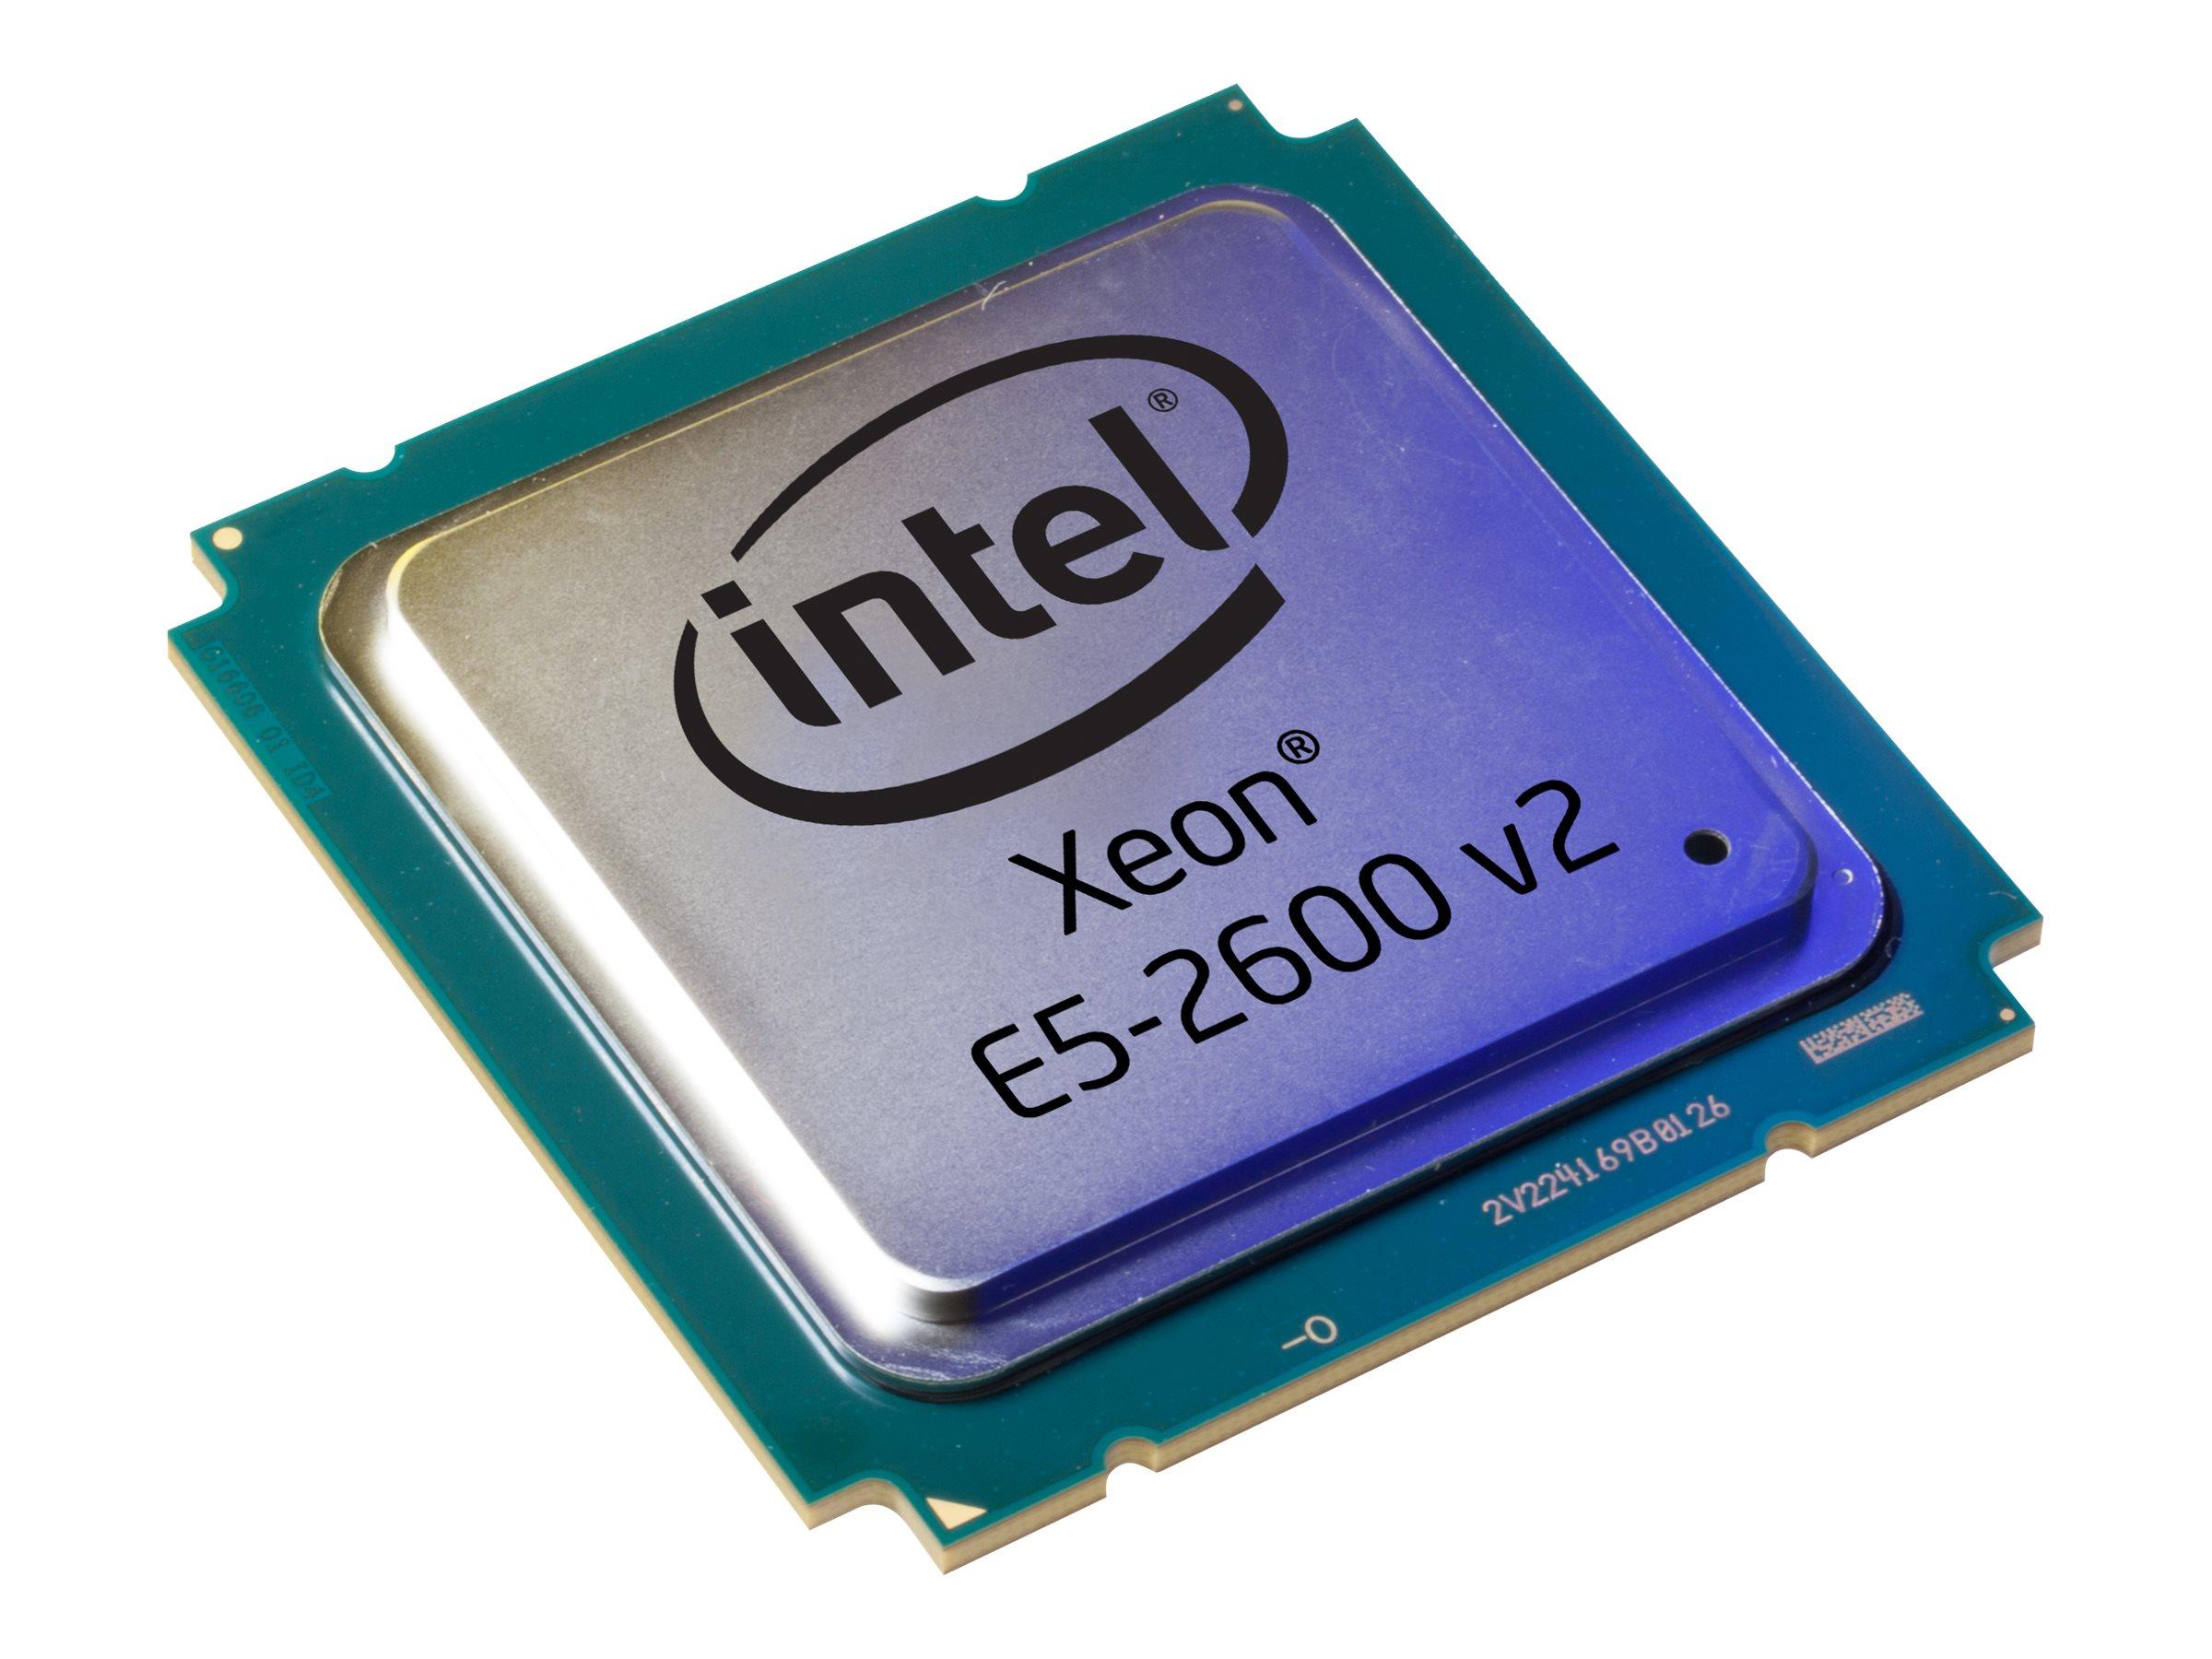 Intel Xeon E5-2670V2 / 2.5 GHz processor